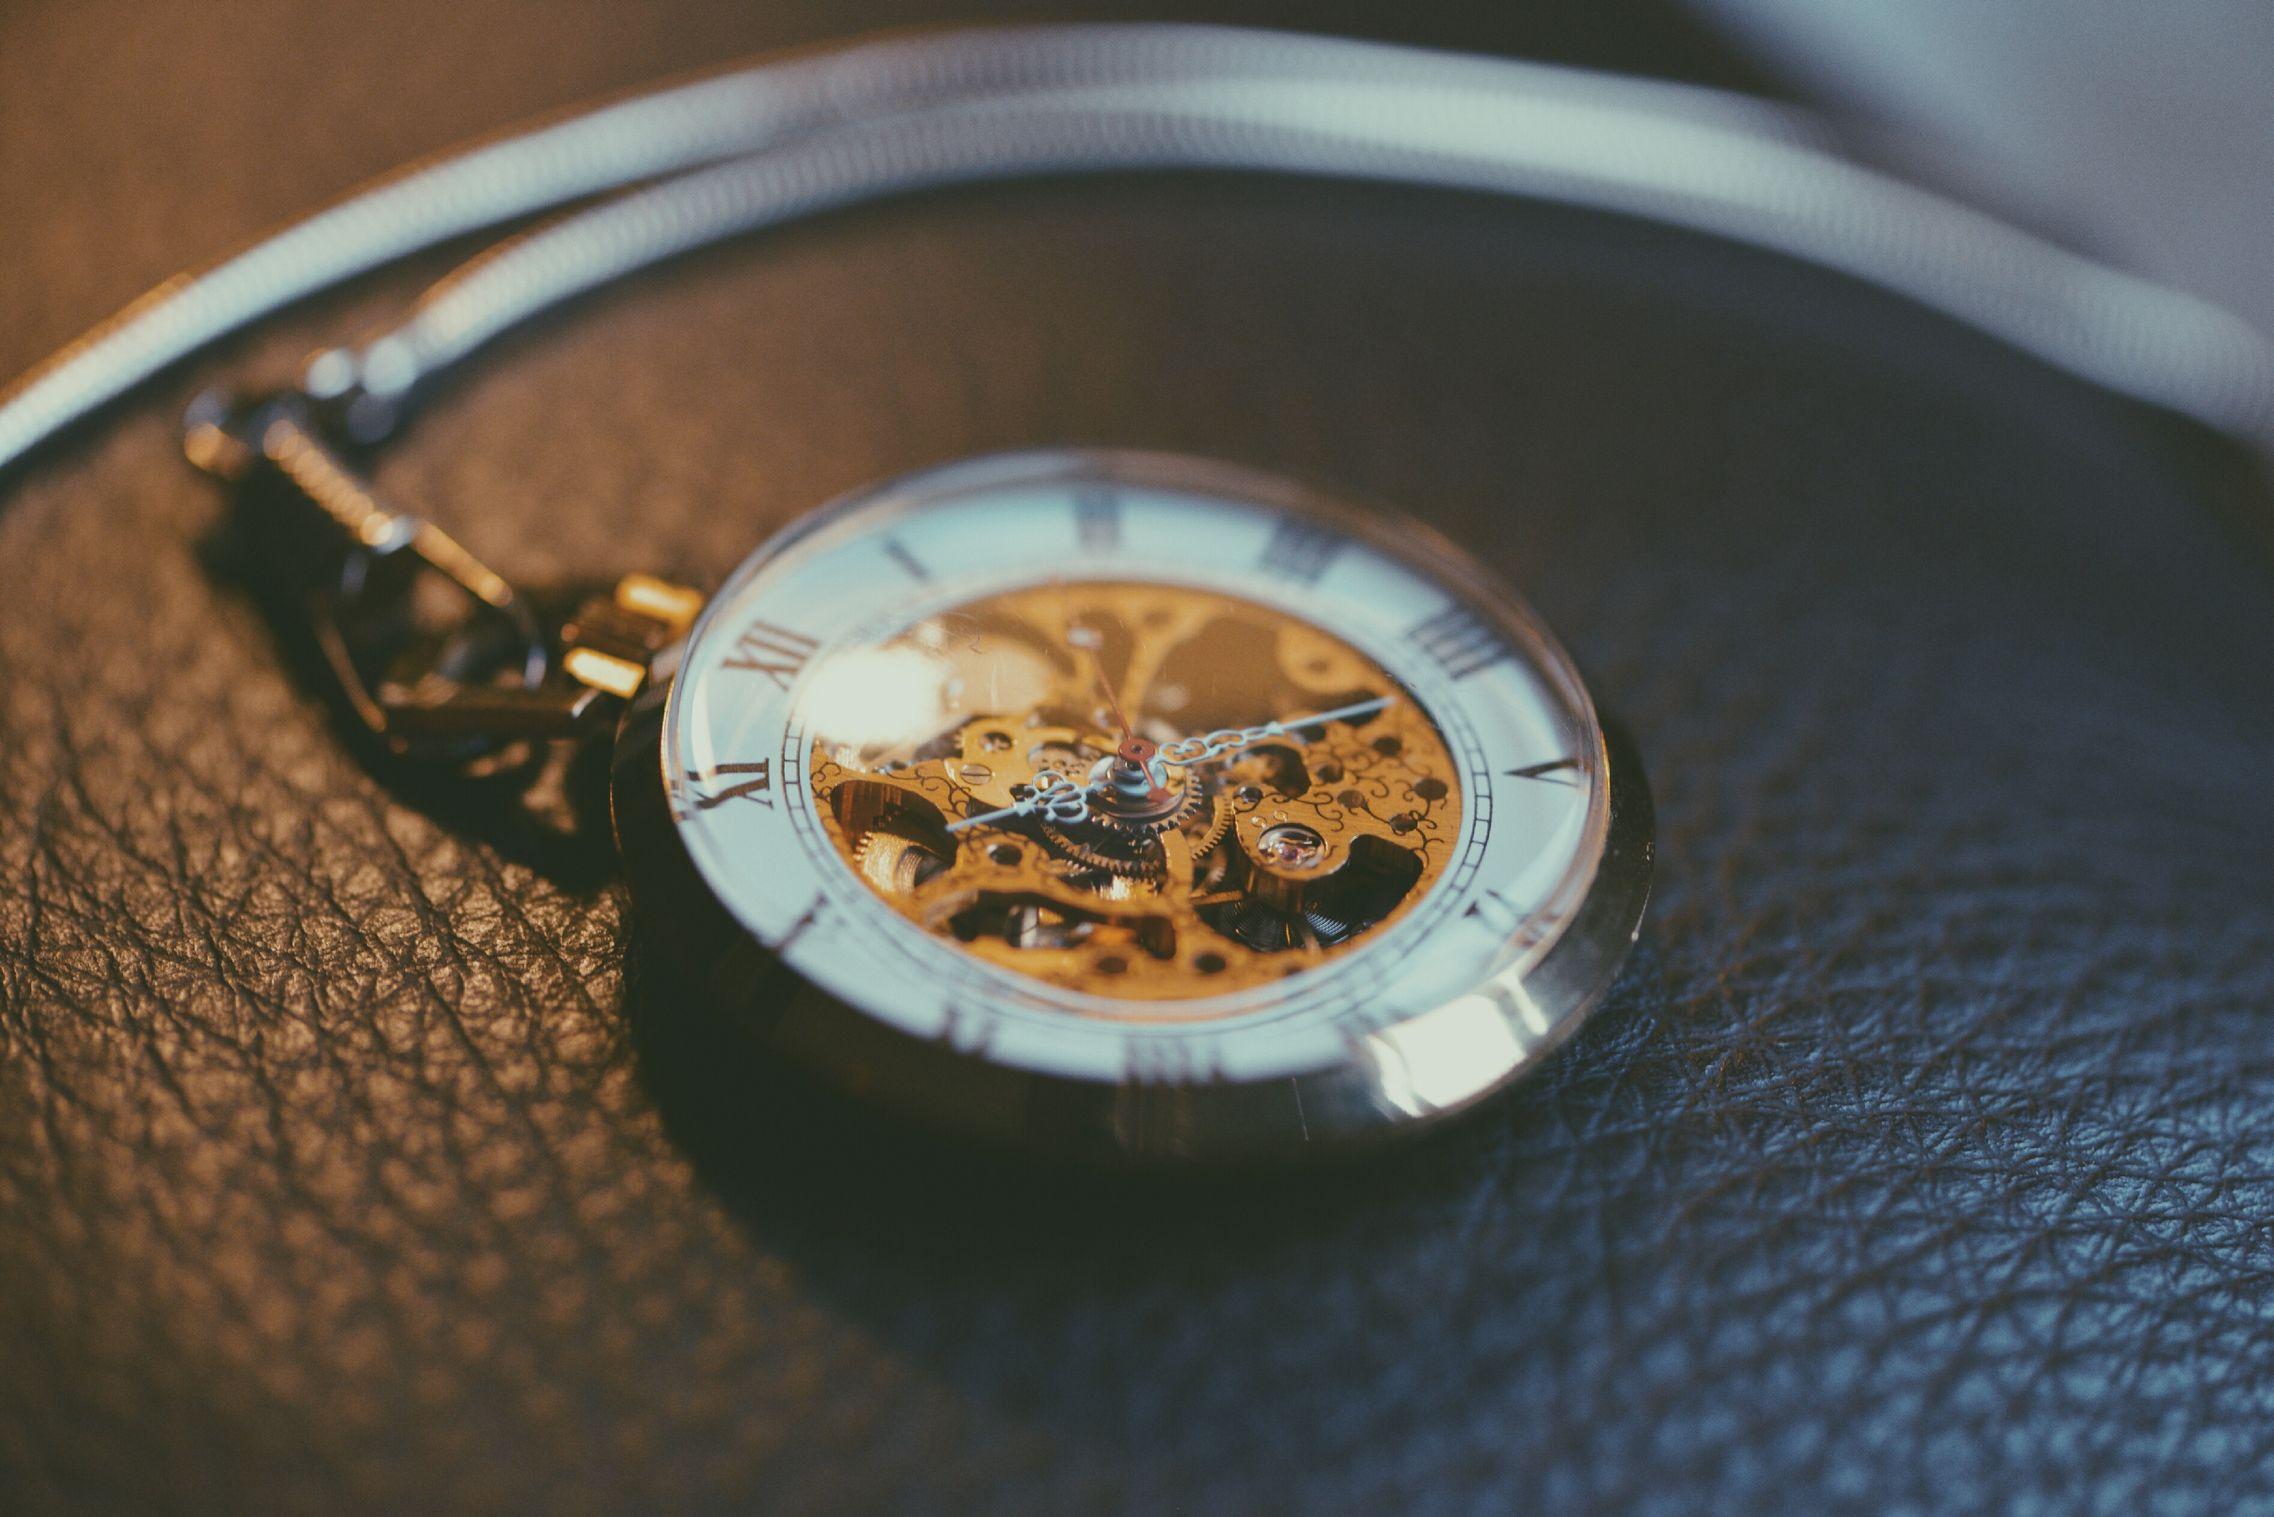 私のタスク管理: 決断を先送りさせるための『リマインダー』について